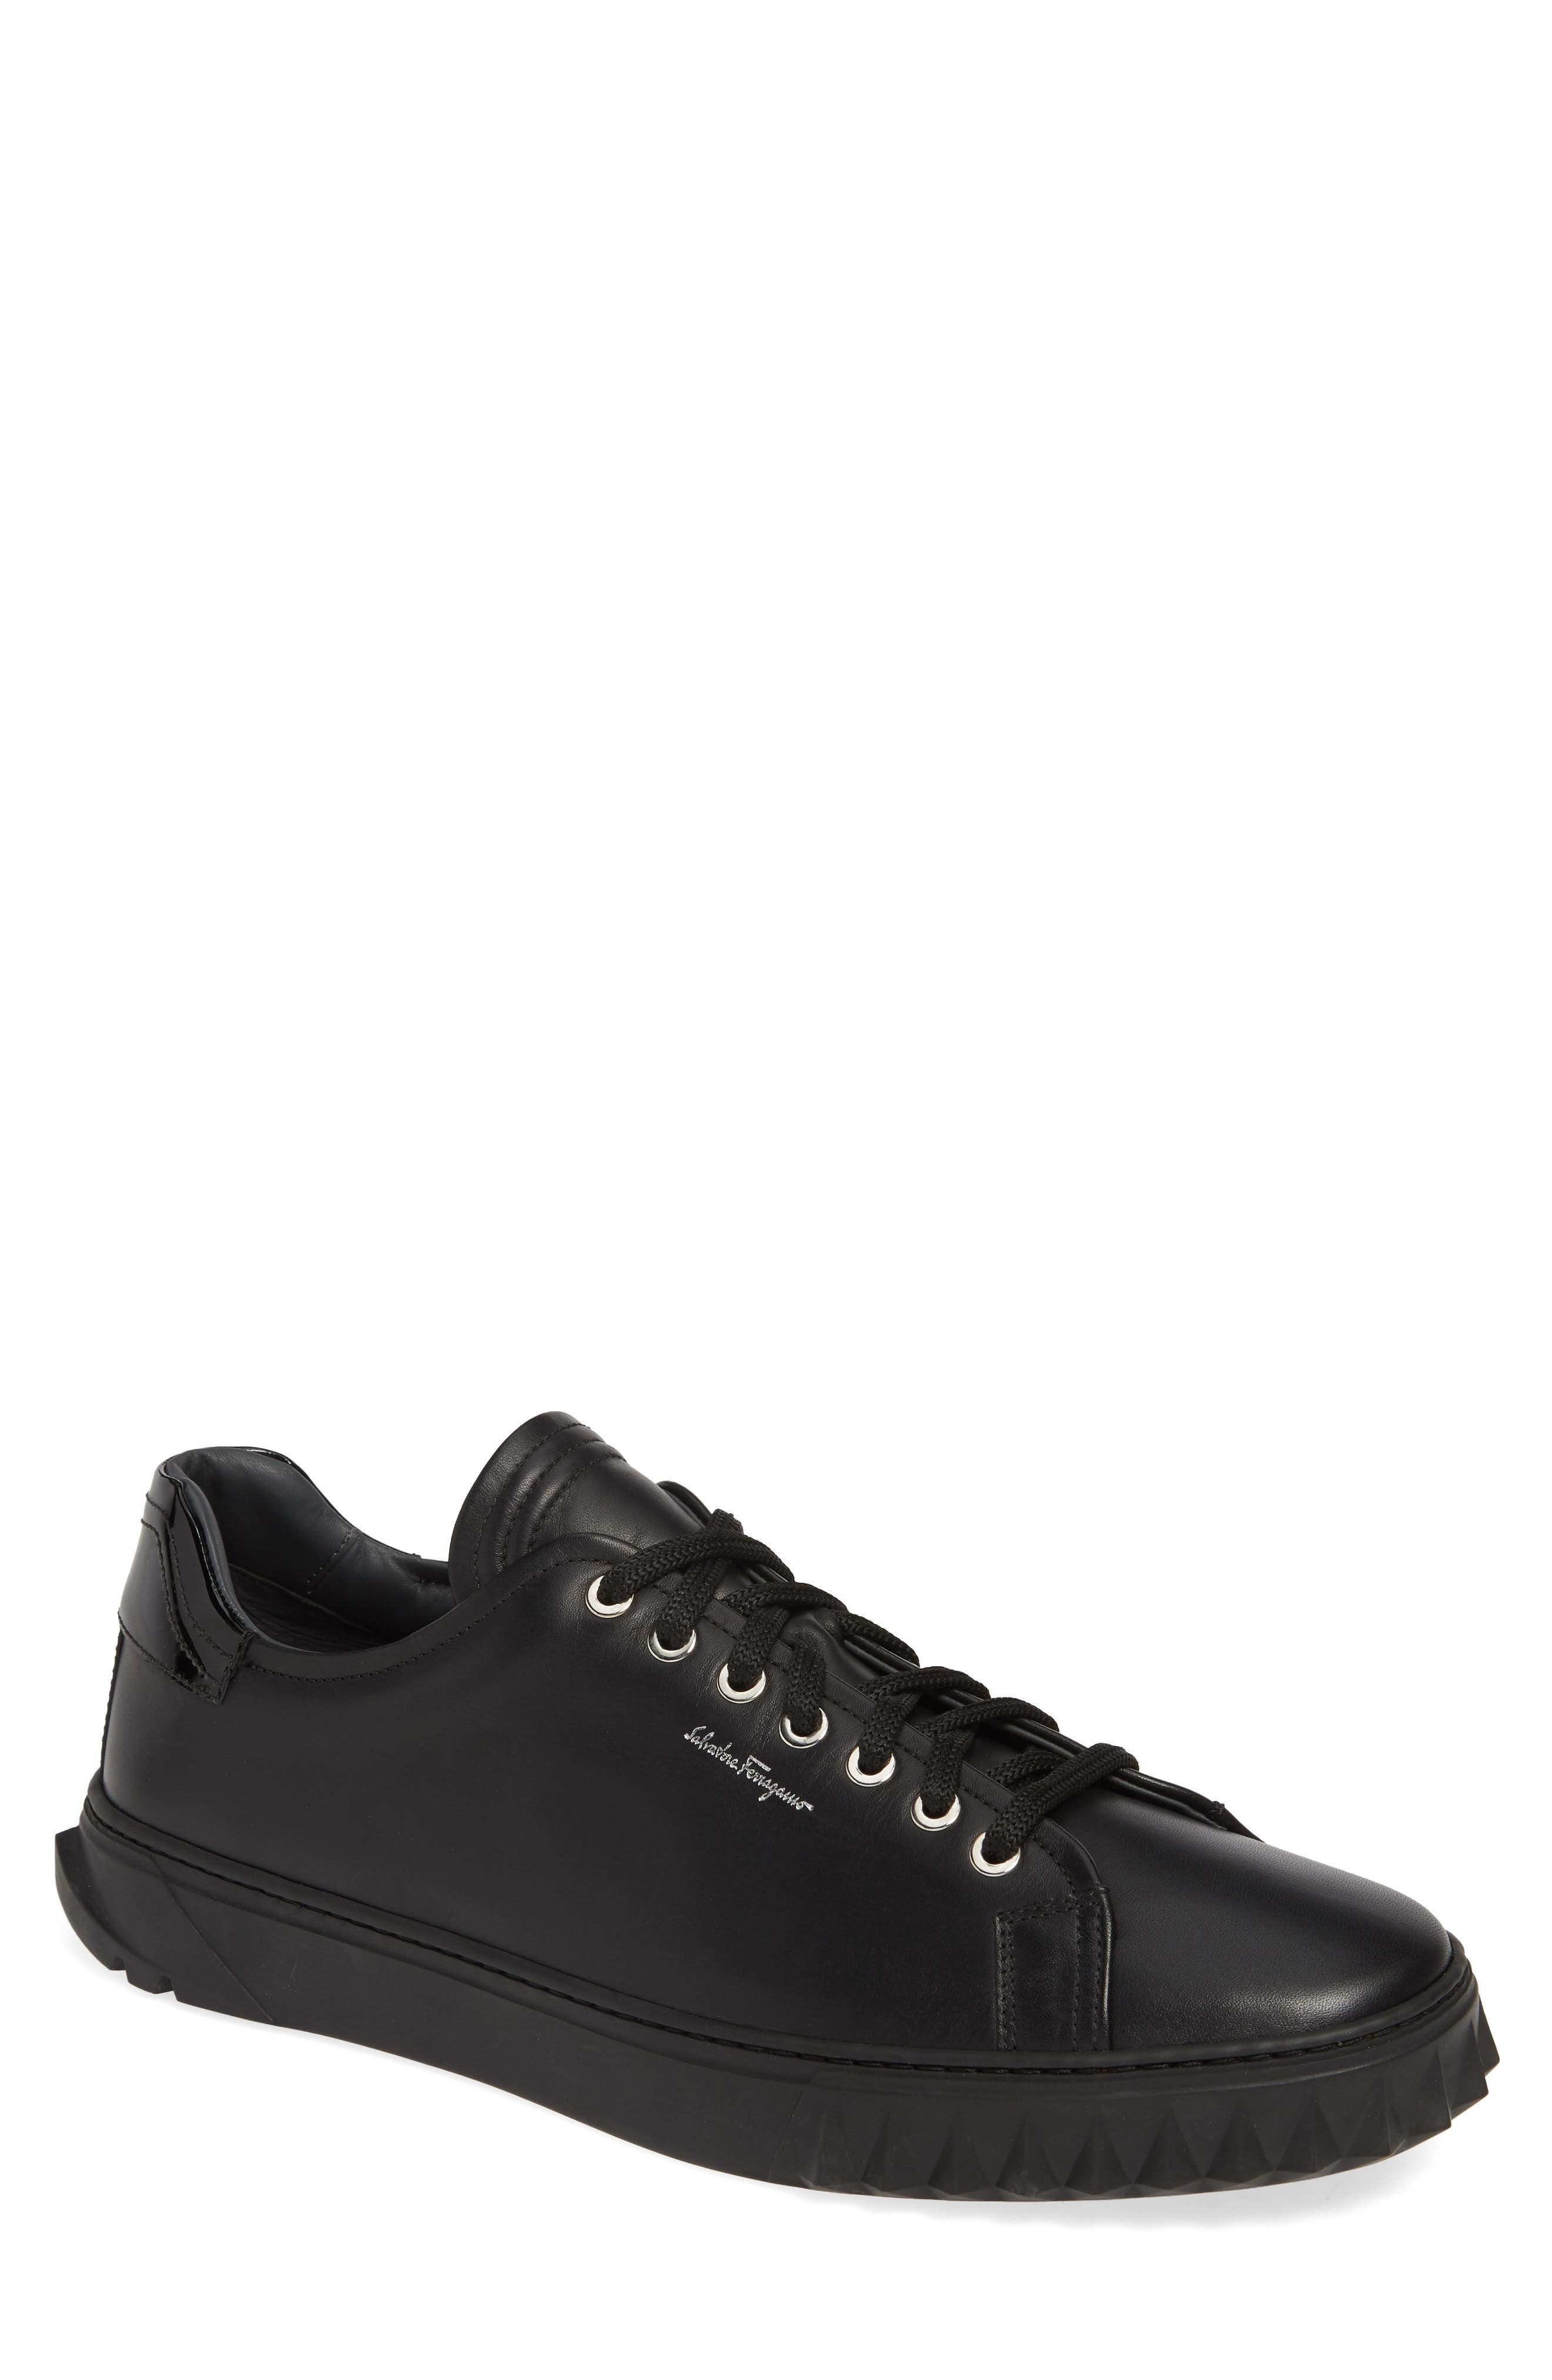 SALVATORE FERRAGAMO, Cube Sneaker, Main thumbnail 1, color, NERO/BLACK